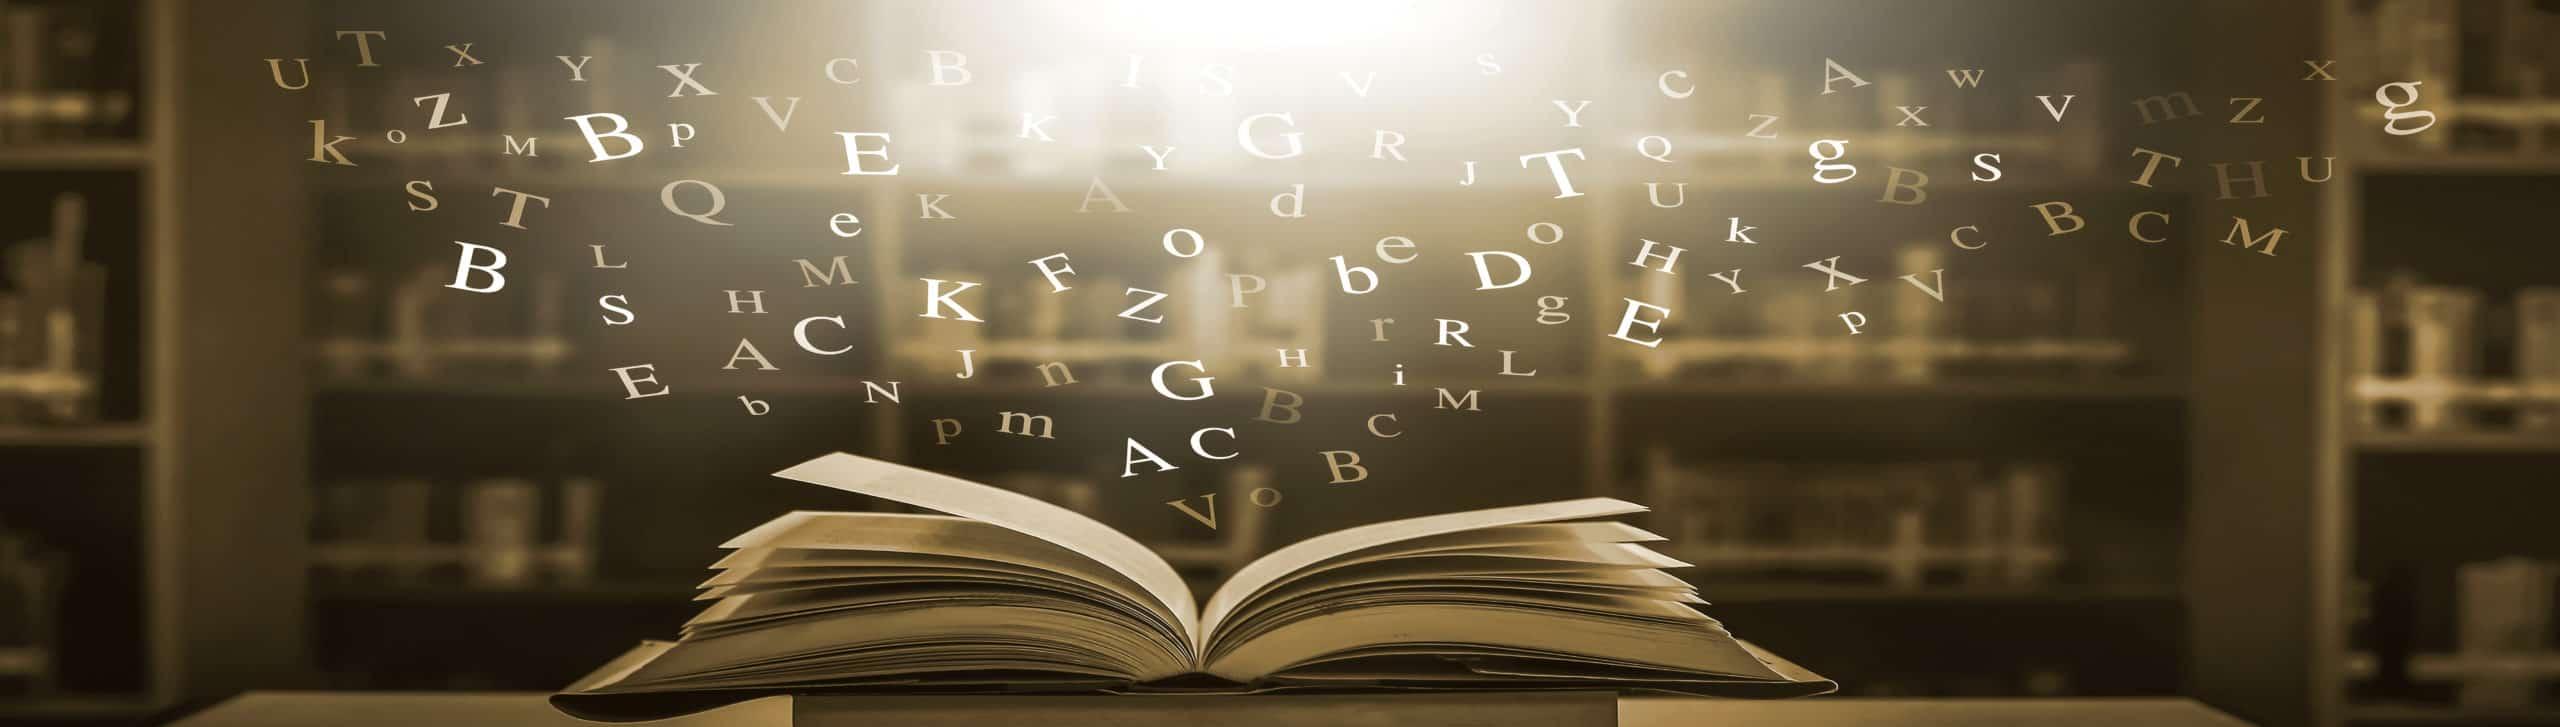 Jak napisać dobry artykuł, czyli odkryj moc prostoty